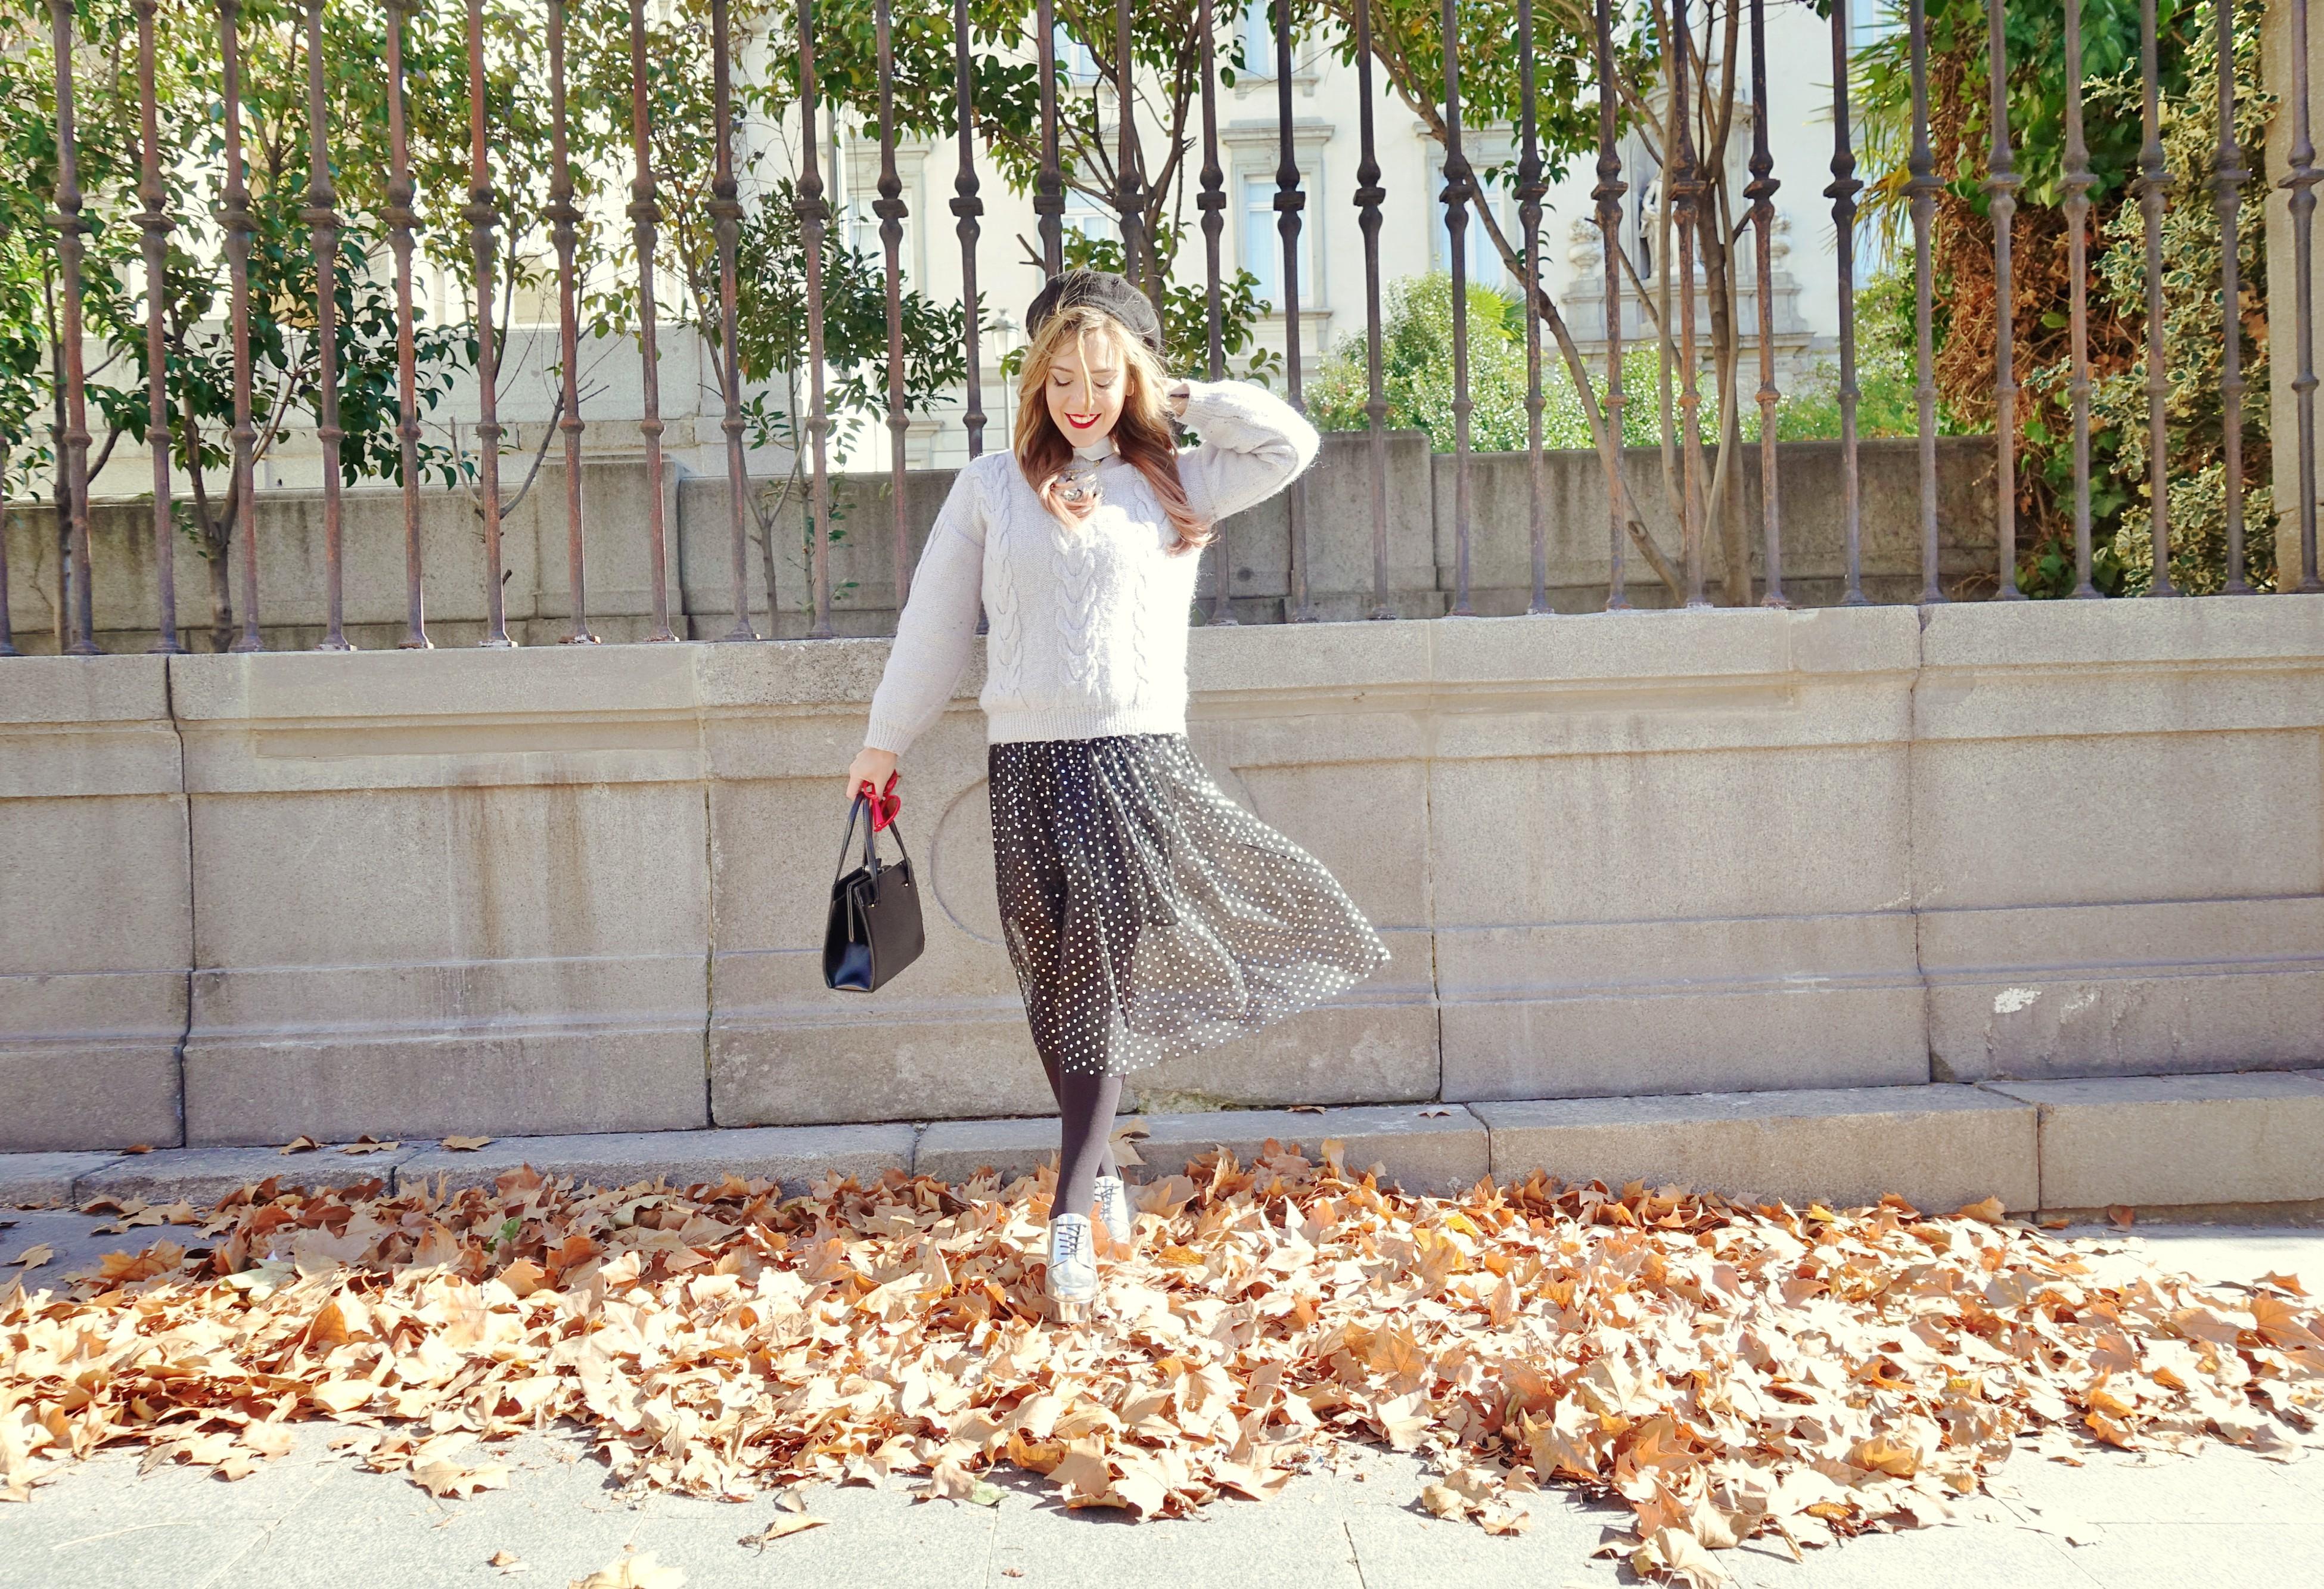 Madrid-street-style-blog-de-moda-ChicAdicta-fashionista-influencer-laliblue-accesorios-vestido-de-lunares-Chic-Adicta-boinas-PiensaenChic-Piensa-en-Chic